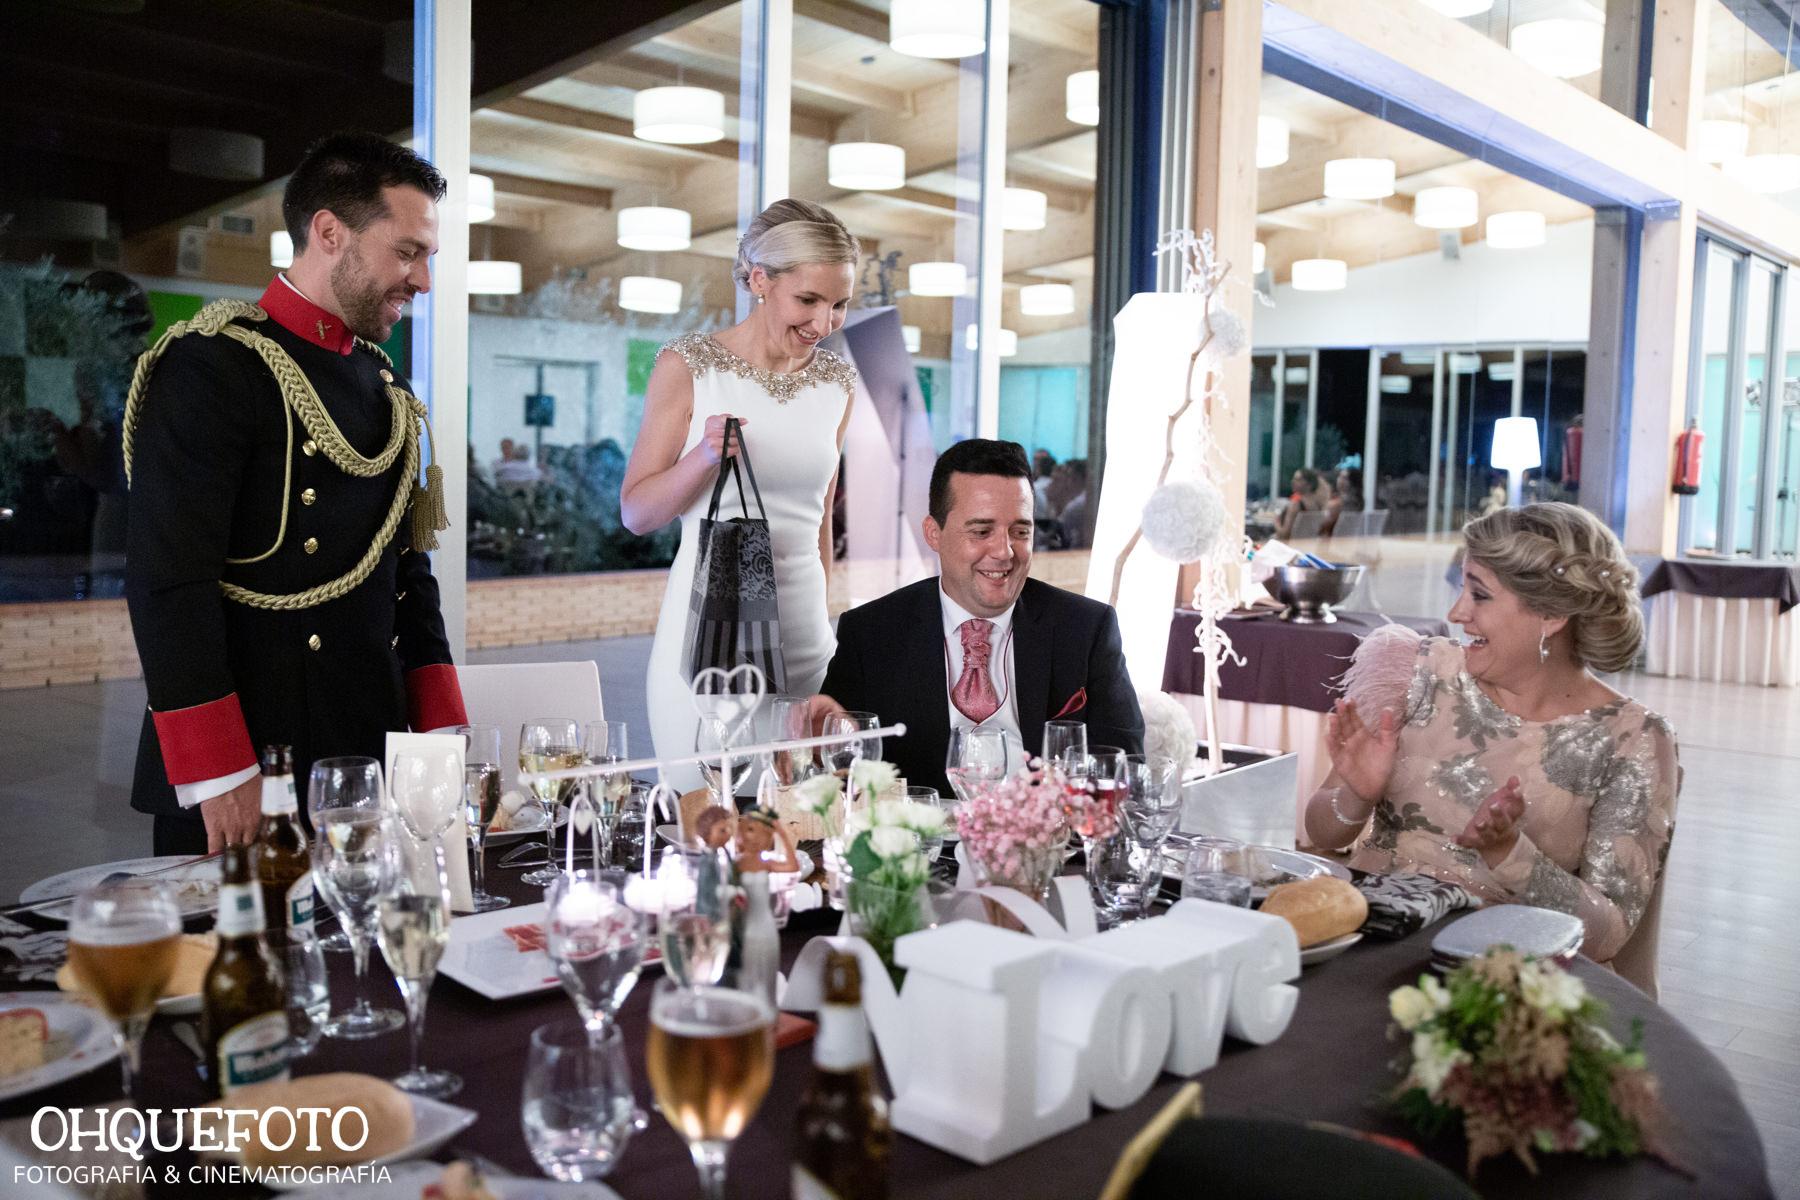 boda en la peraleda boda en cabeza del buey boda en capilla reportaje de bodas en almaden video de bodas en cordoba481 - Jose y Gema - Boda en Zarza Capilla y la Finca La Peraleda (Chillón)